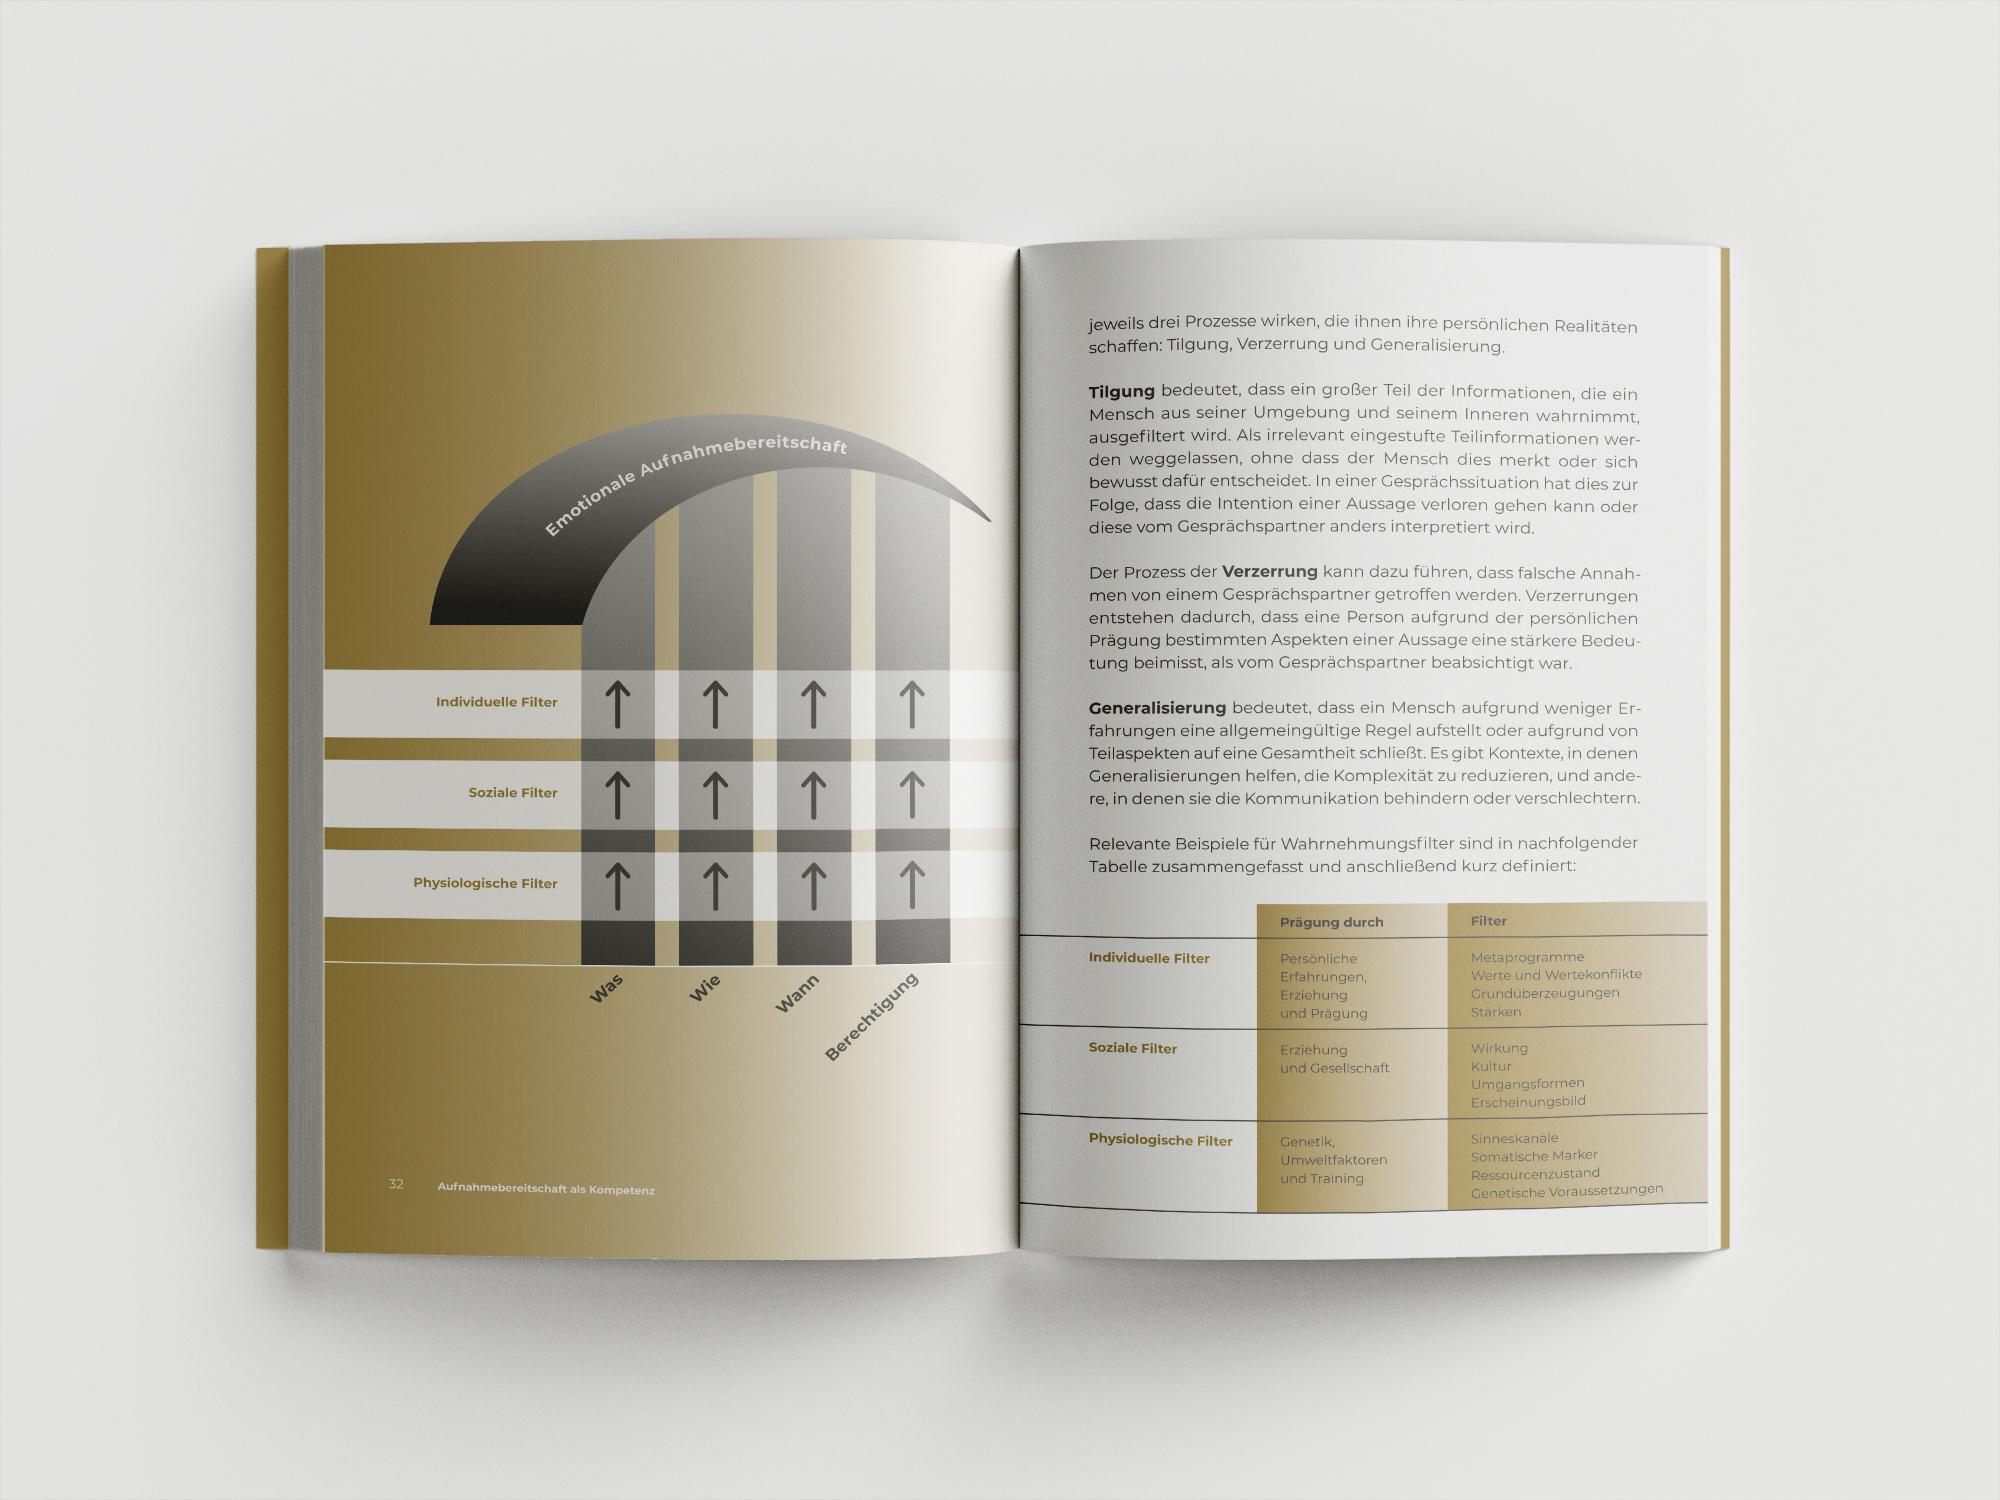 martin zech design, buchgestaltung, atilla vuran, mypontea, doppelseite 6